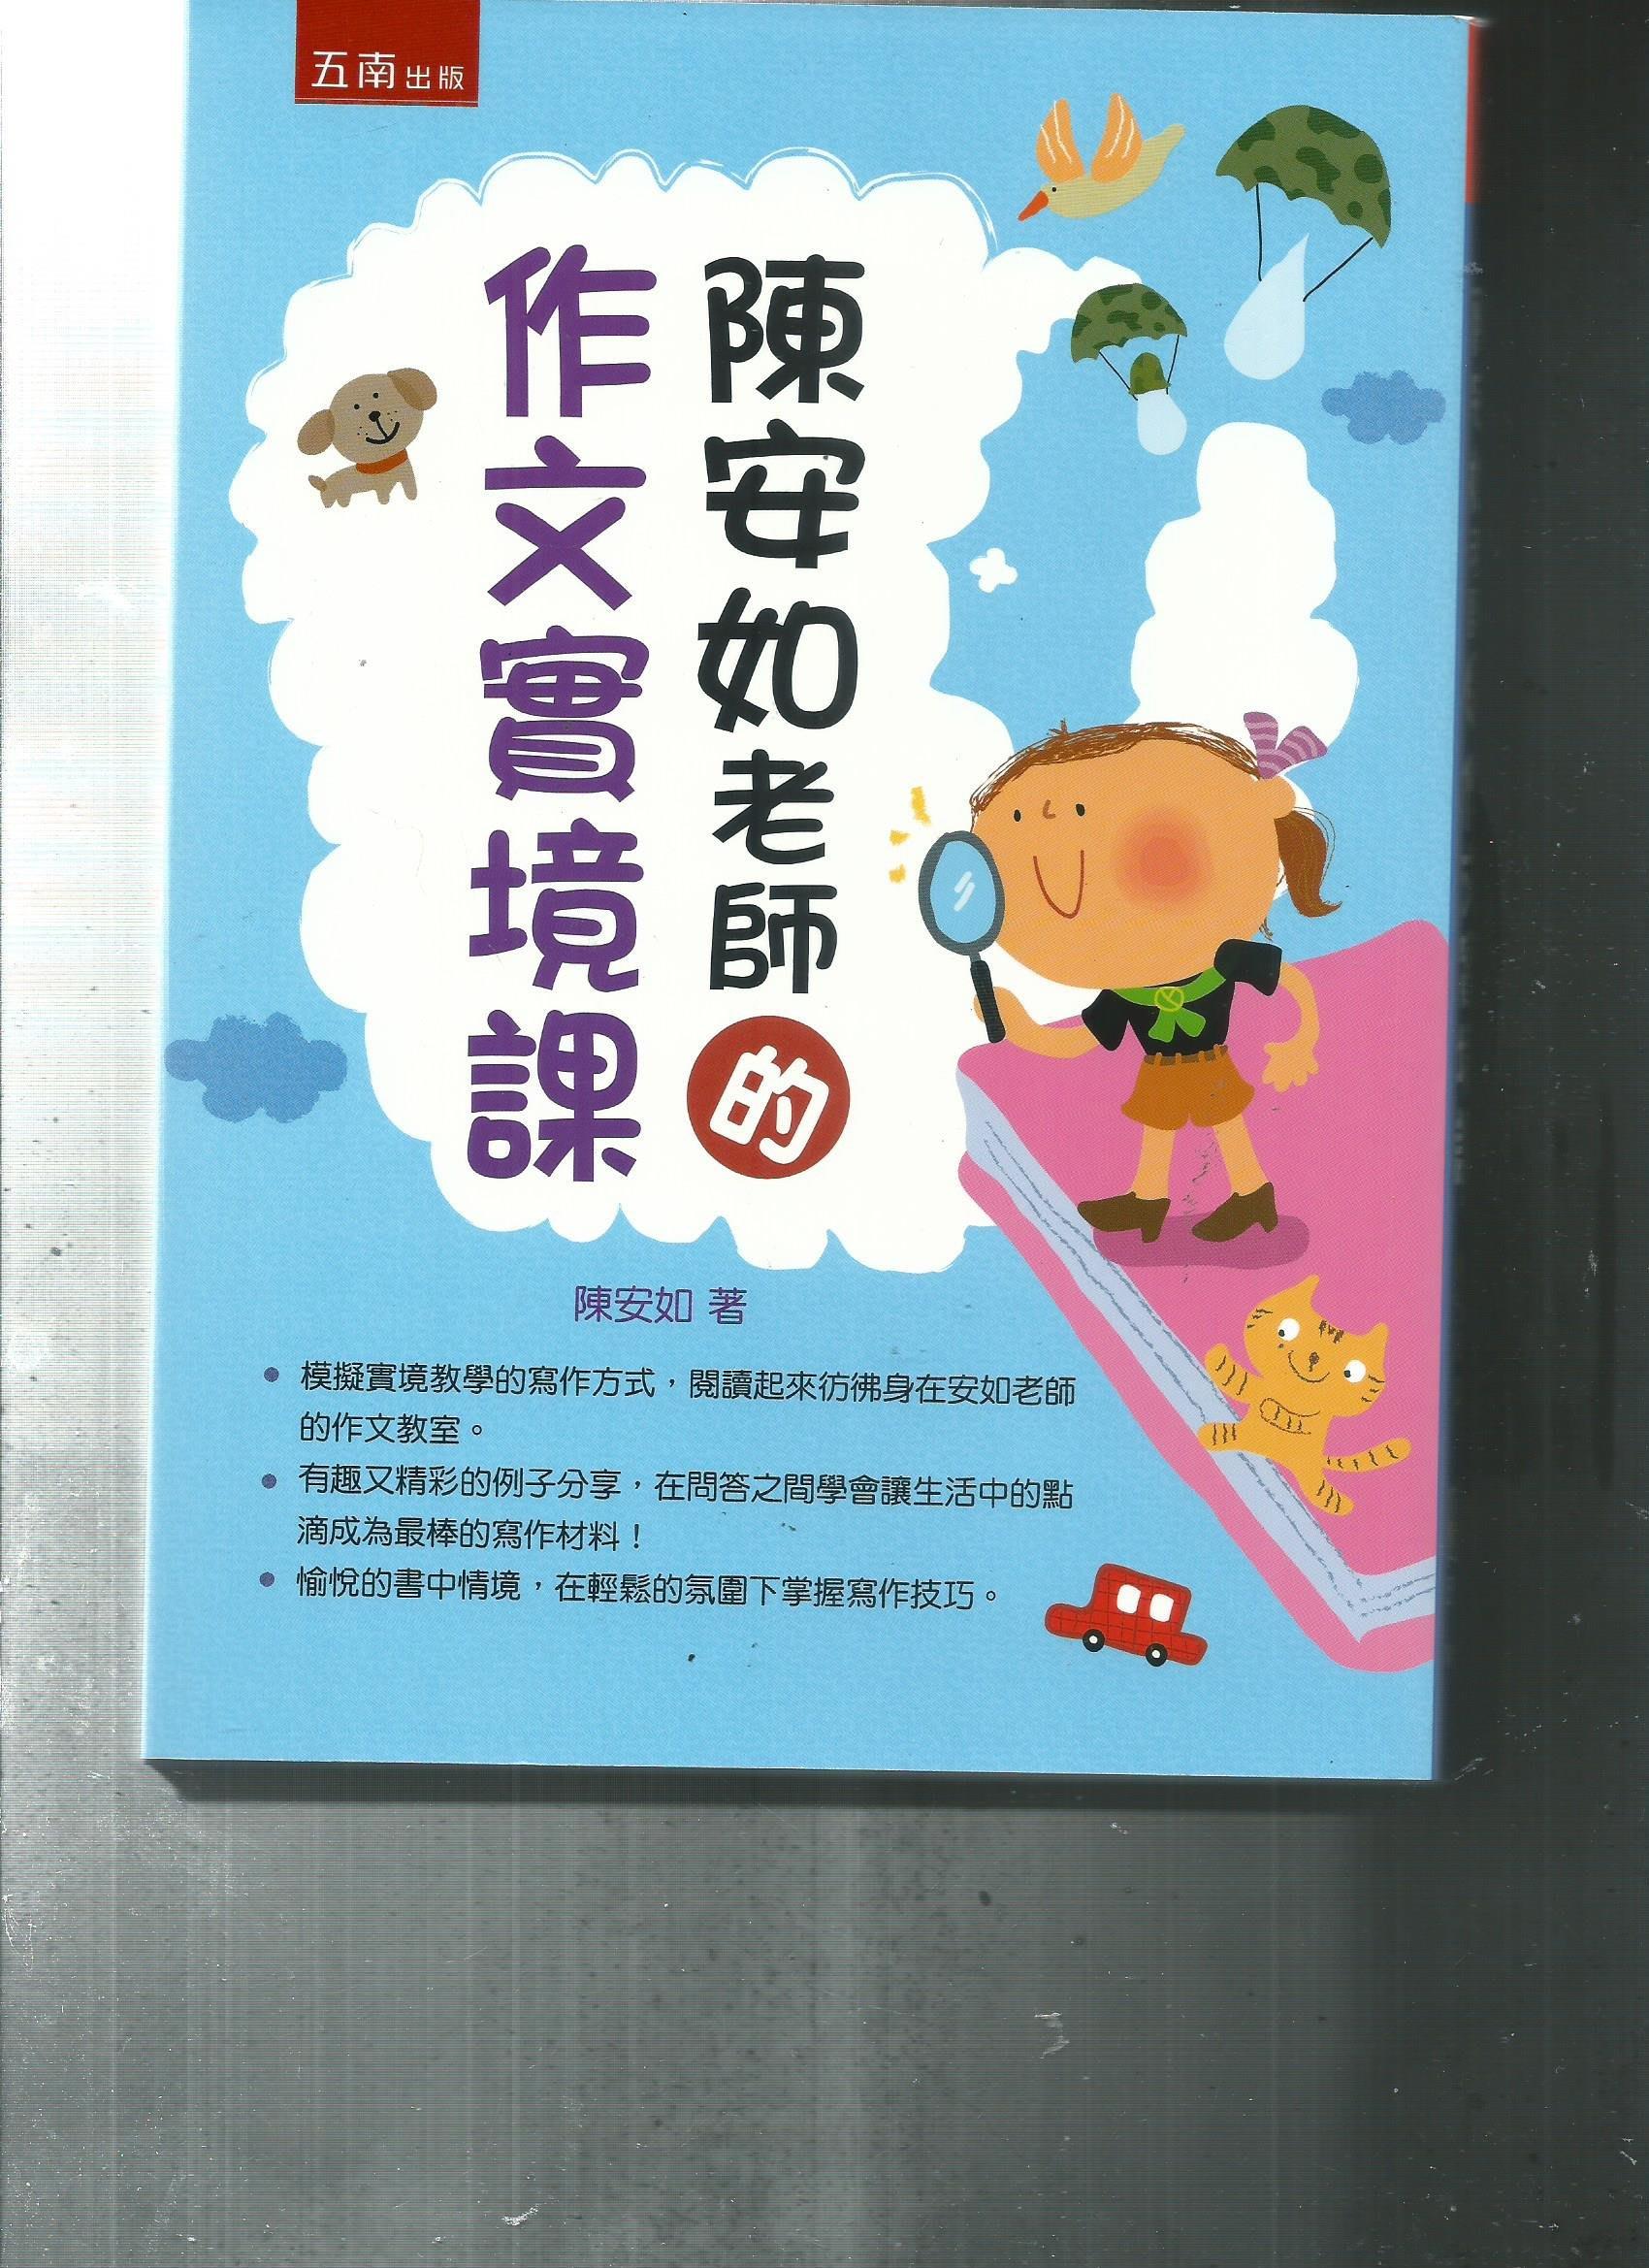 五南  悅讀中文陳安如老師的作文實境課